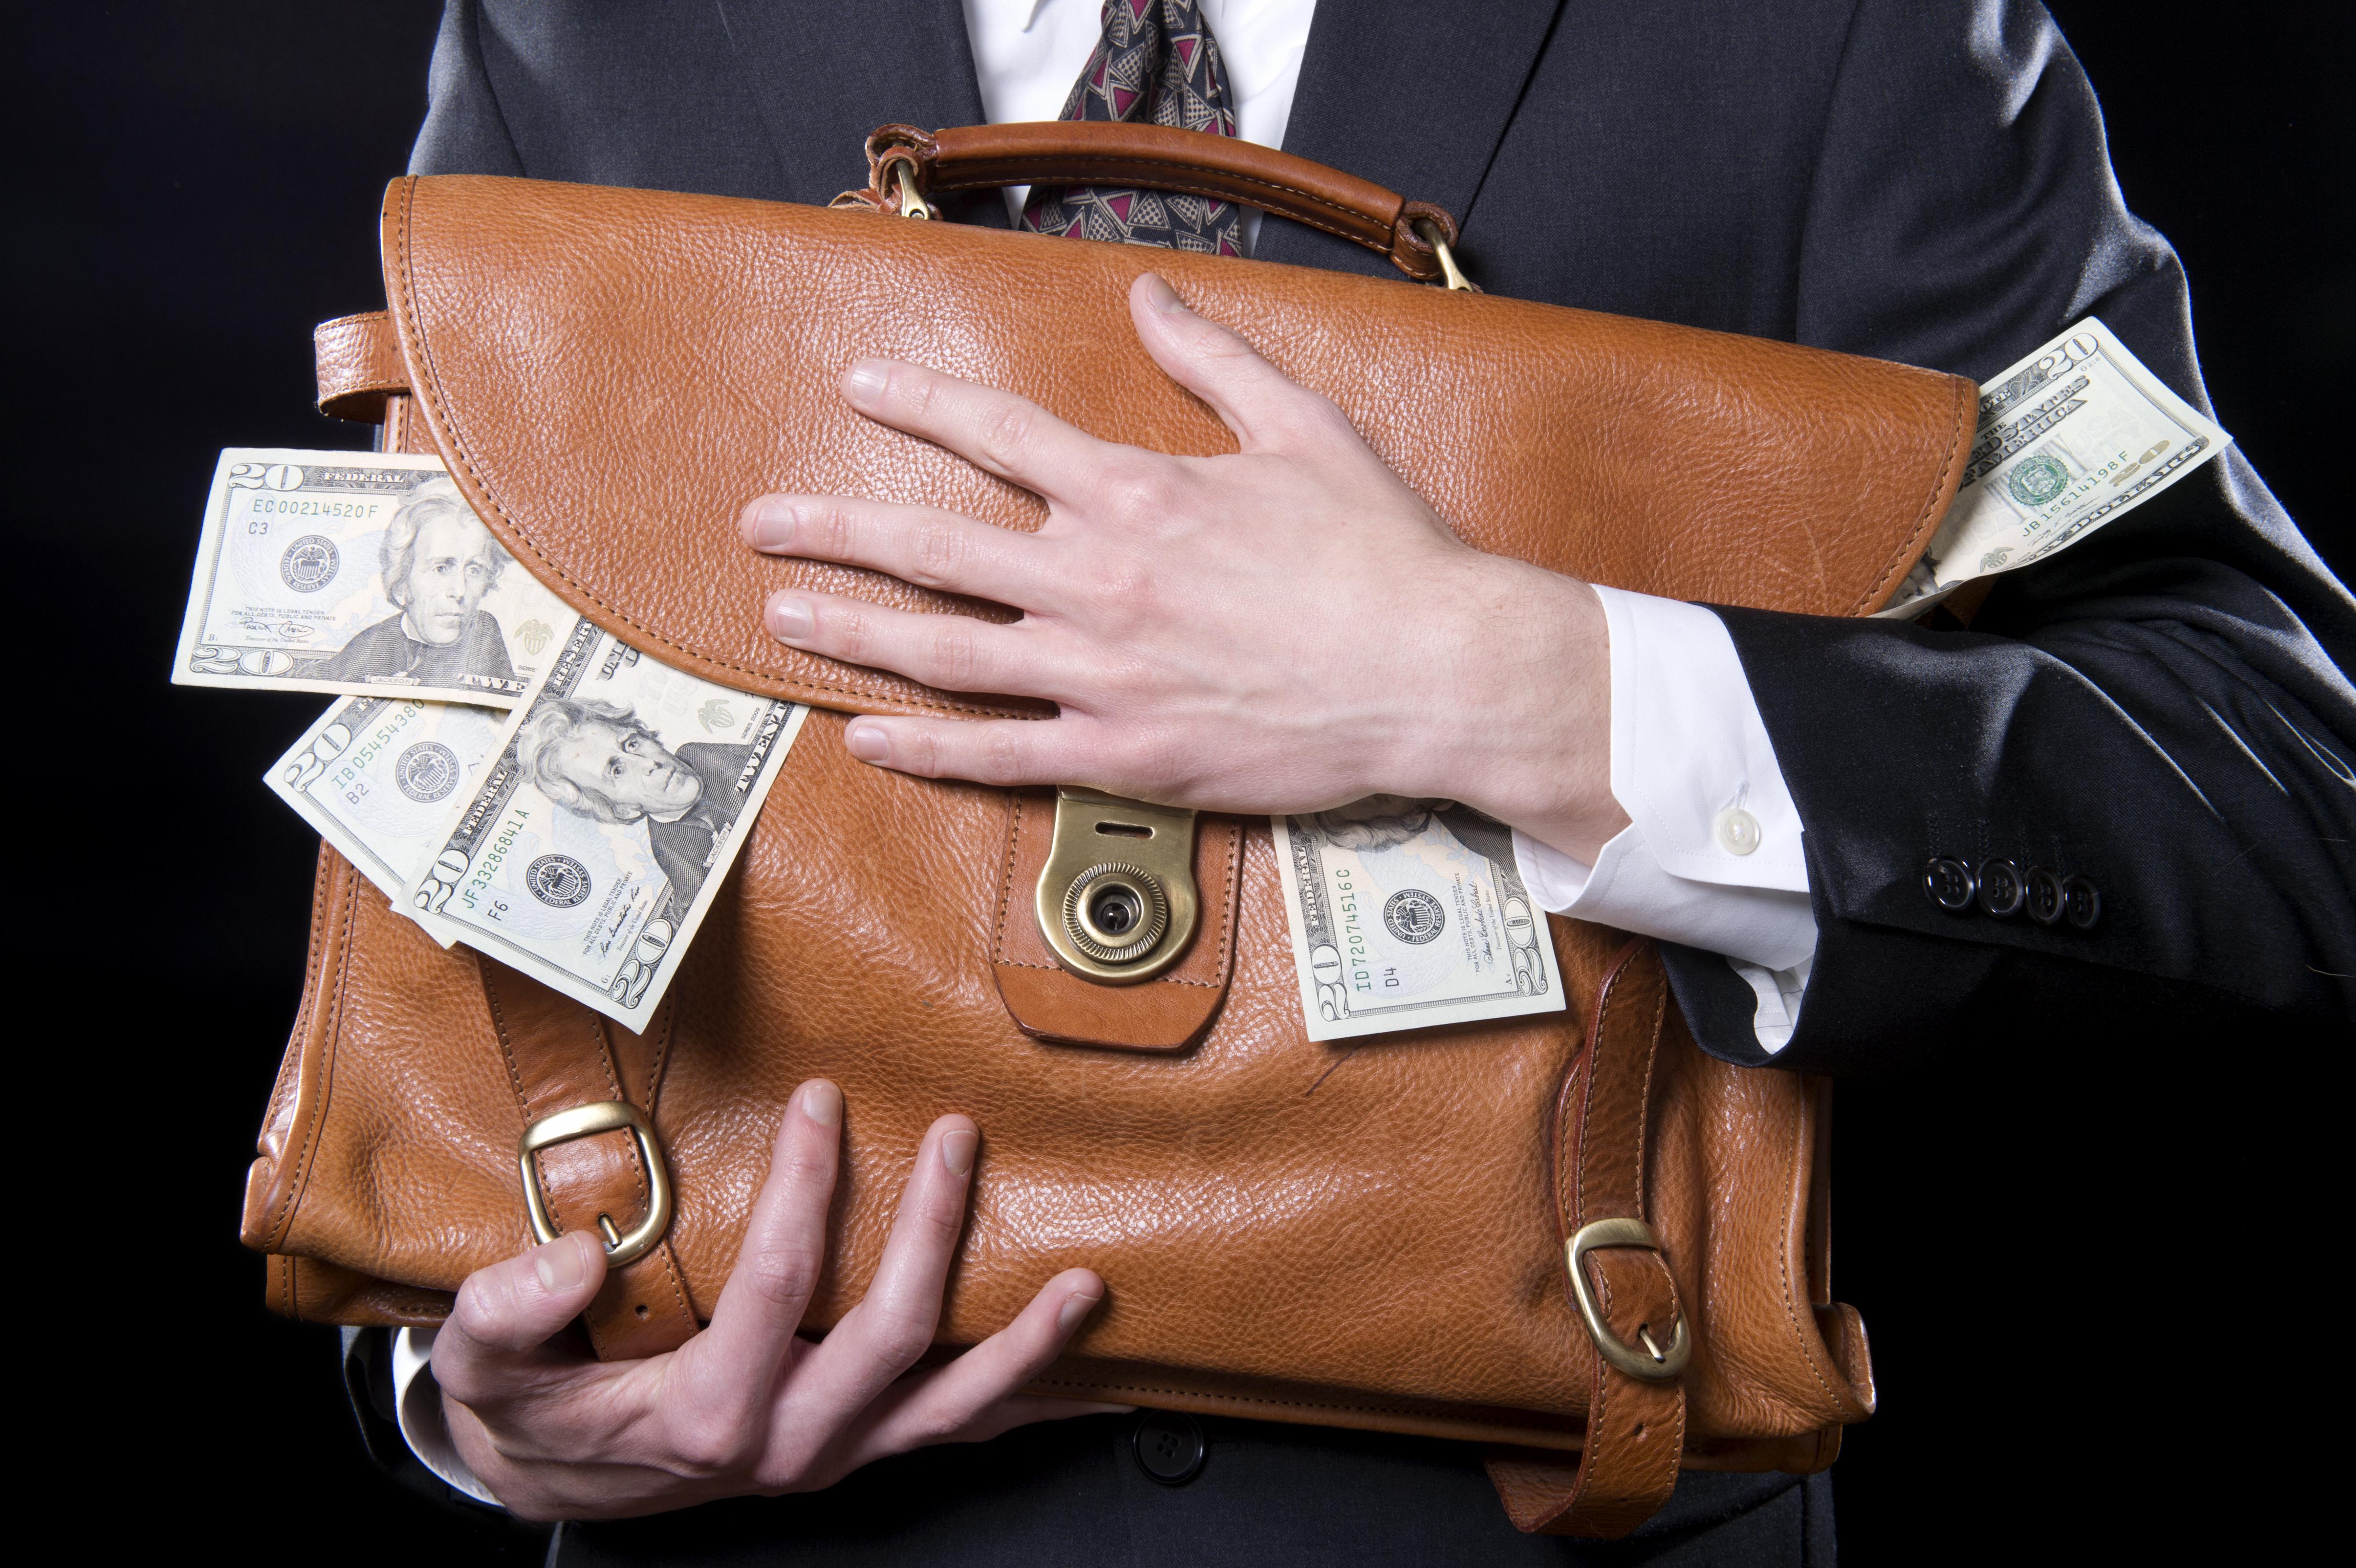 横領してお金を持って逃げる男性